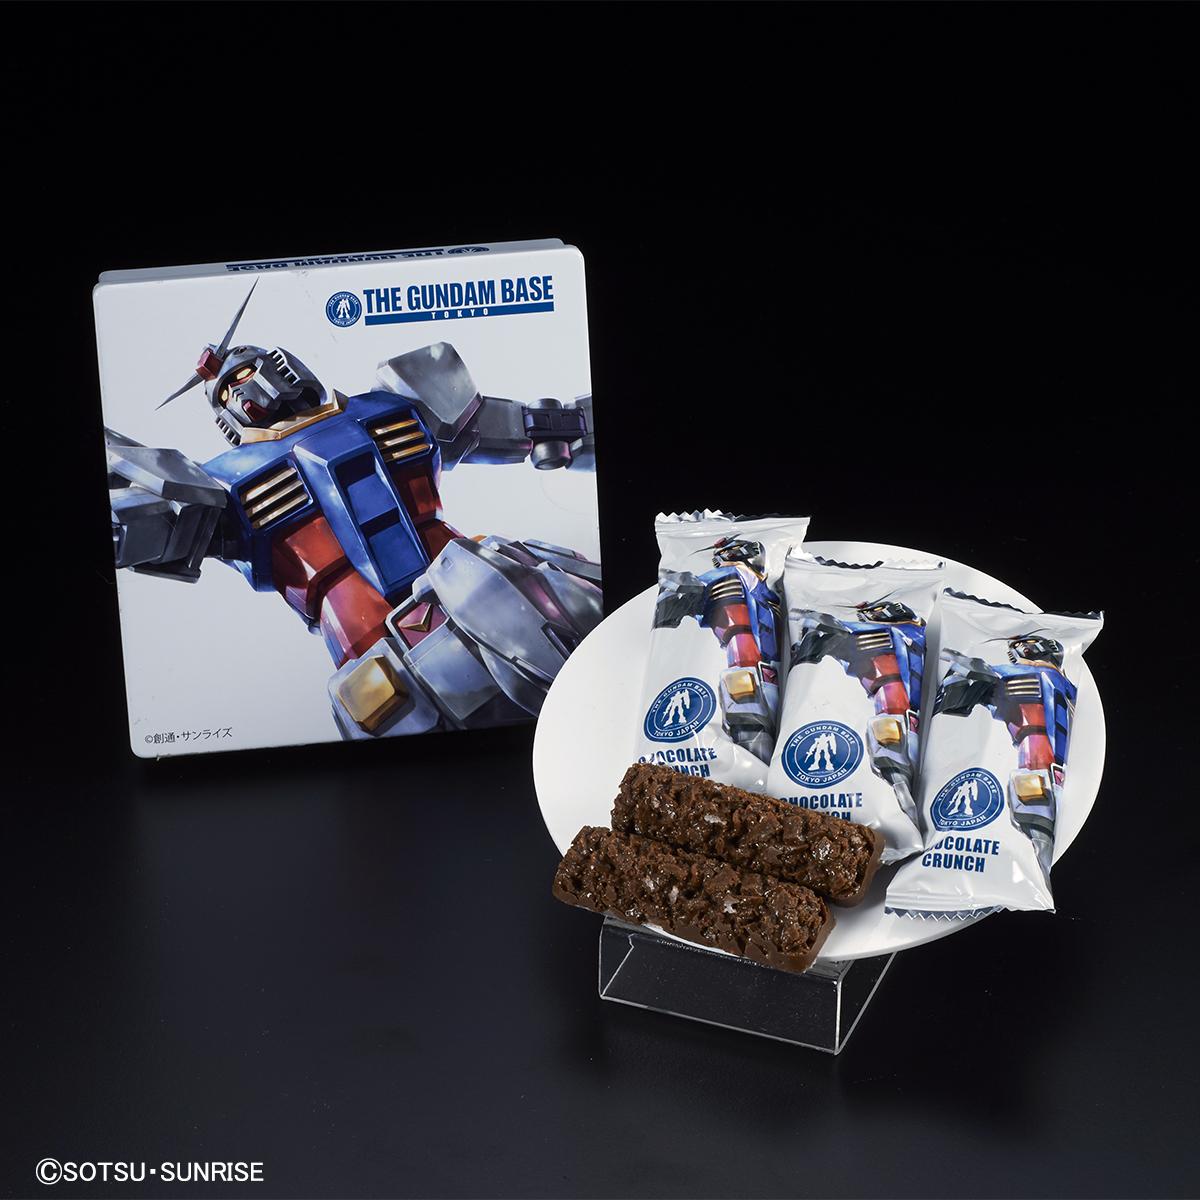 THE GUNDAM BASE チョコクランチ 商品画像